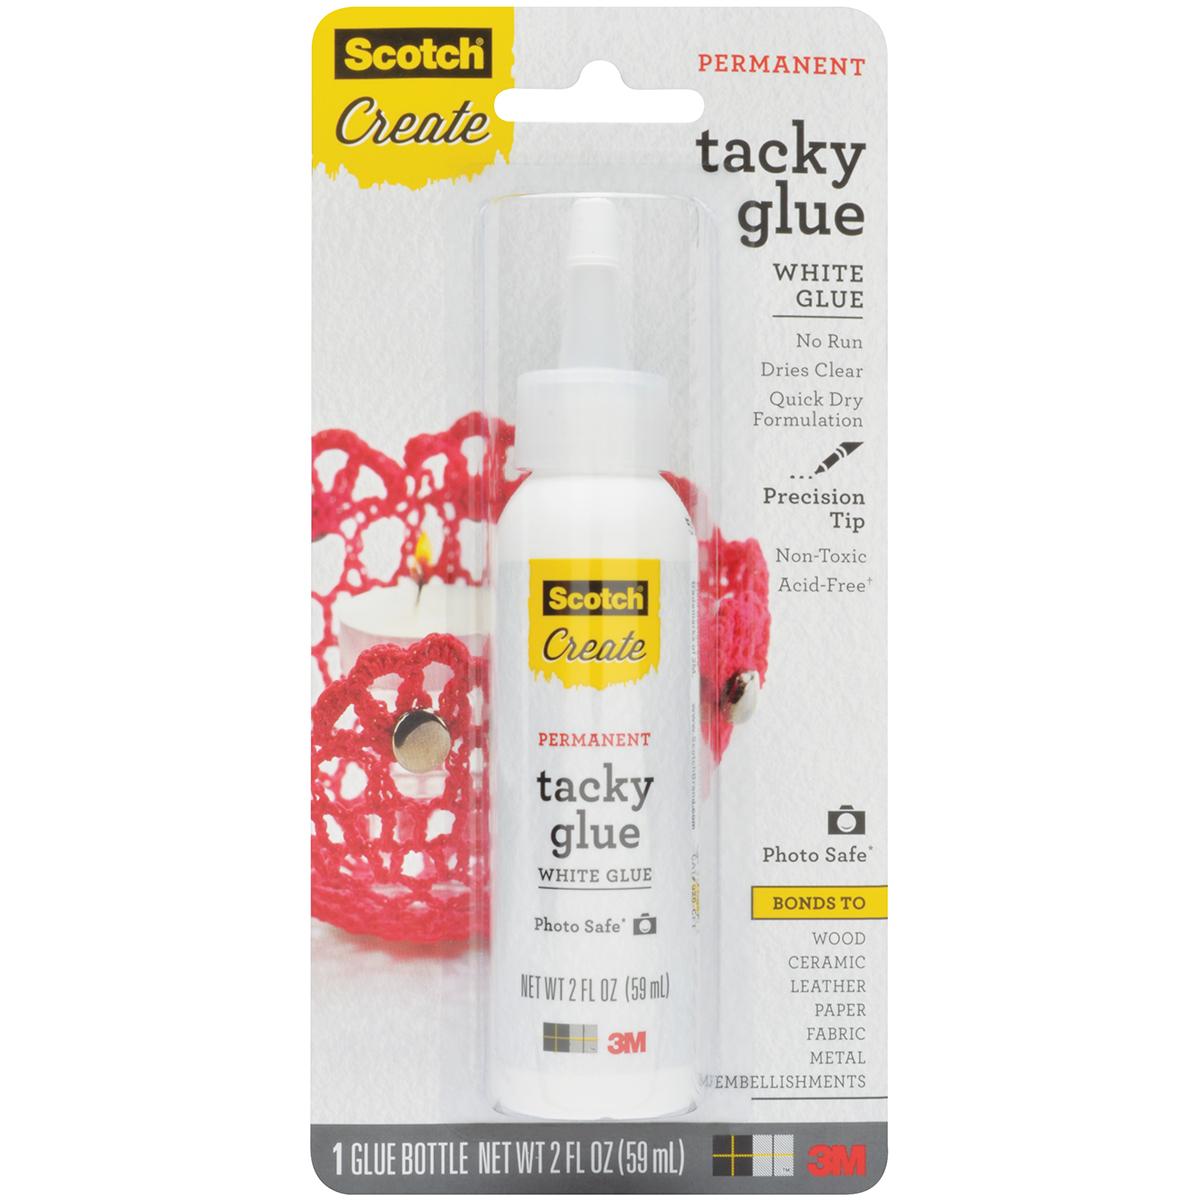 ADH - Scotch QUICK DRY TAcky Glue